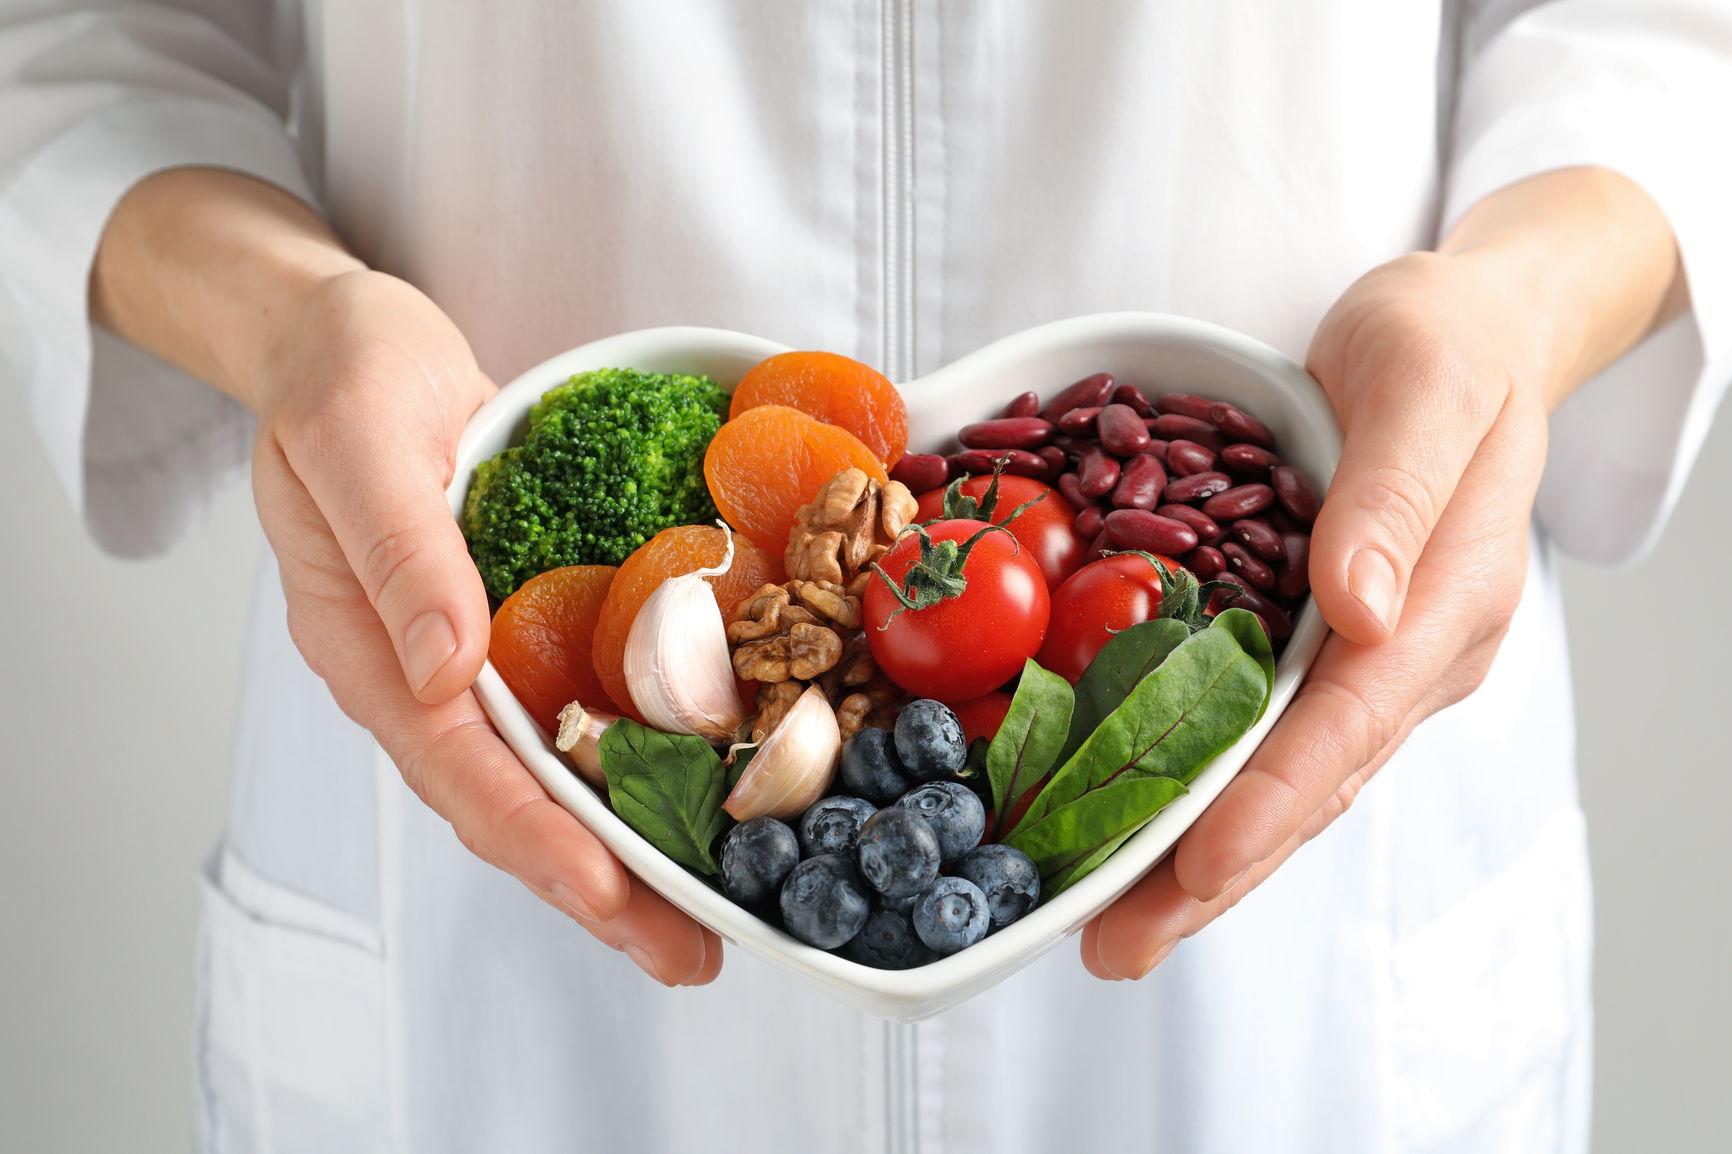 betakaroten er en kilde til antioksidanter